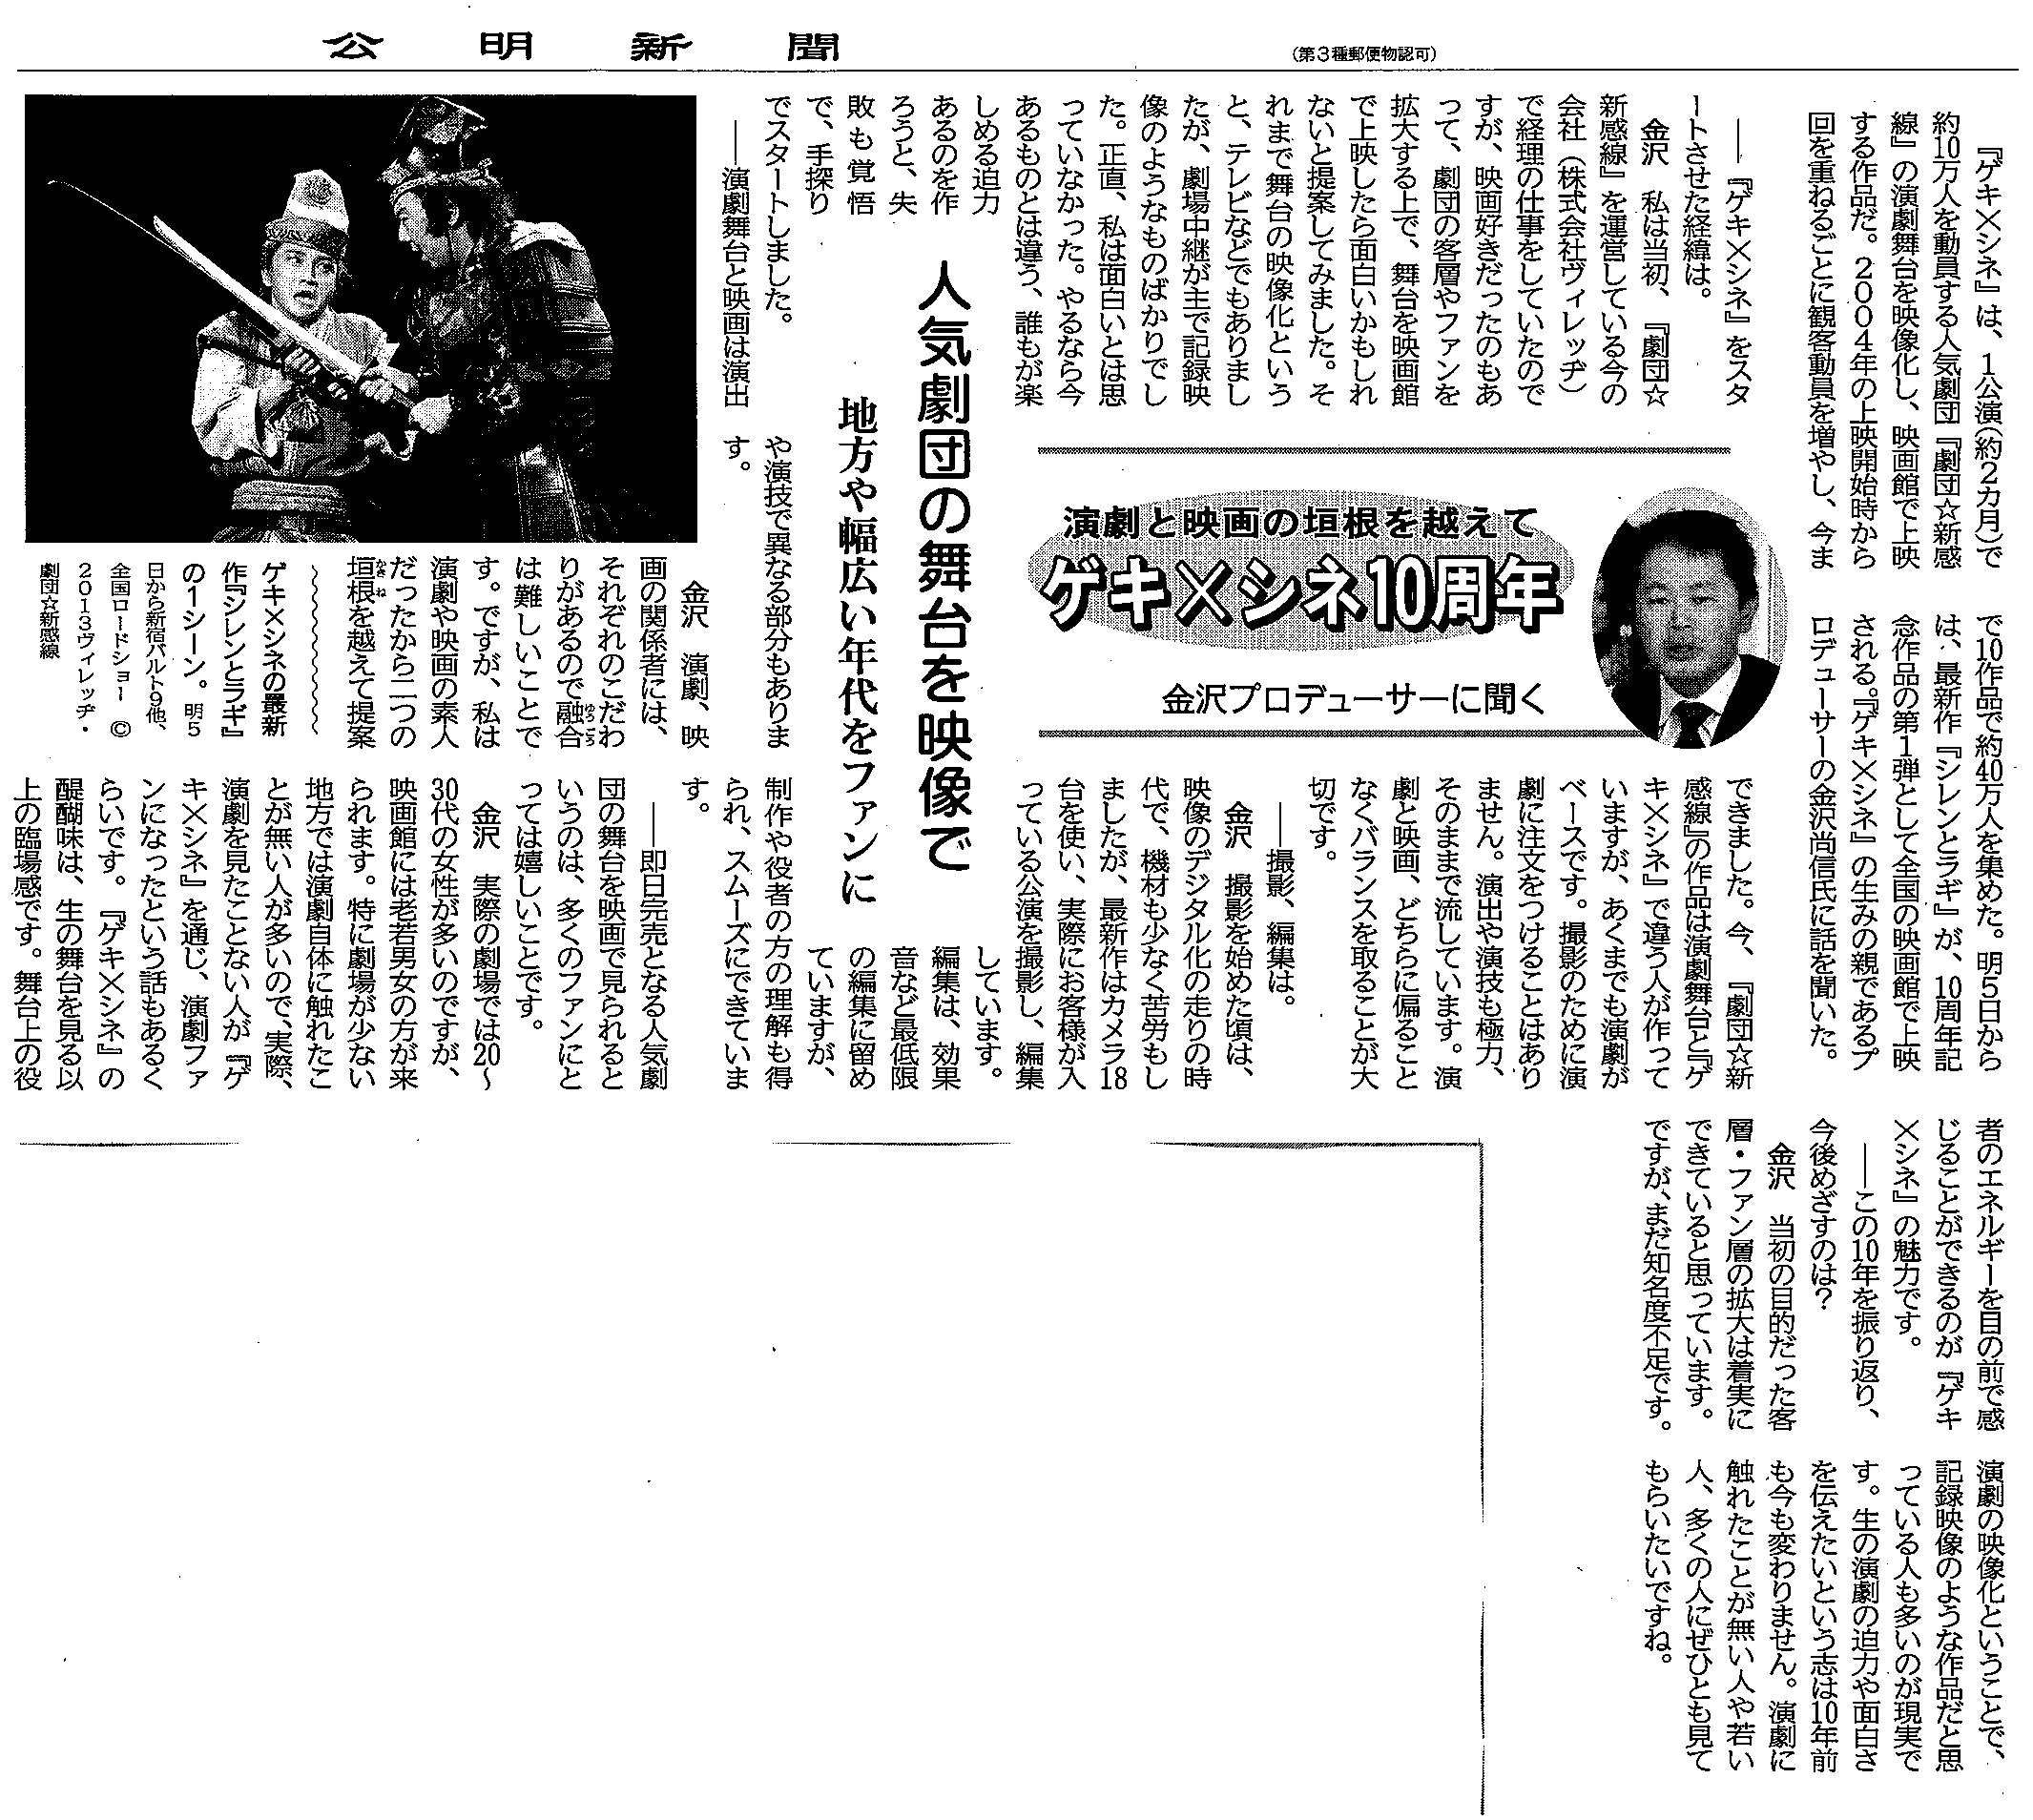 シレンとラギ 金沢プロデューサー・インタビュー記事2_f0162980_1532796.png